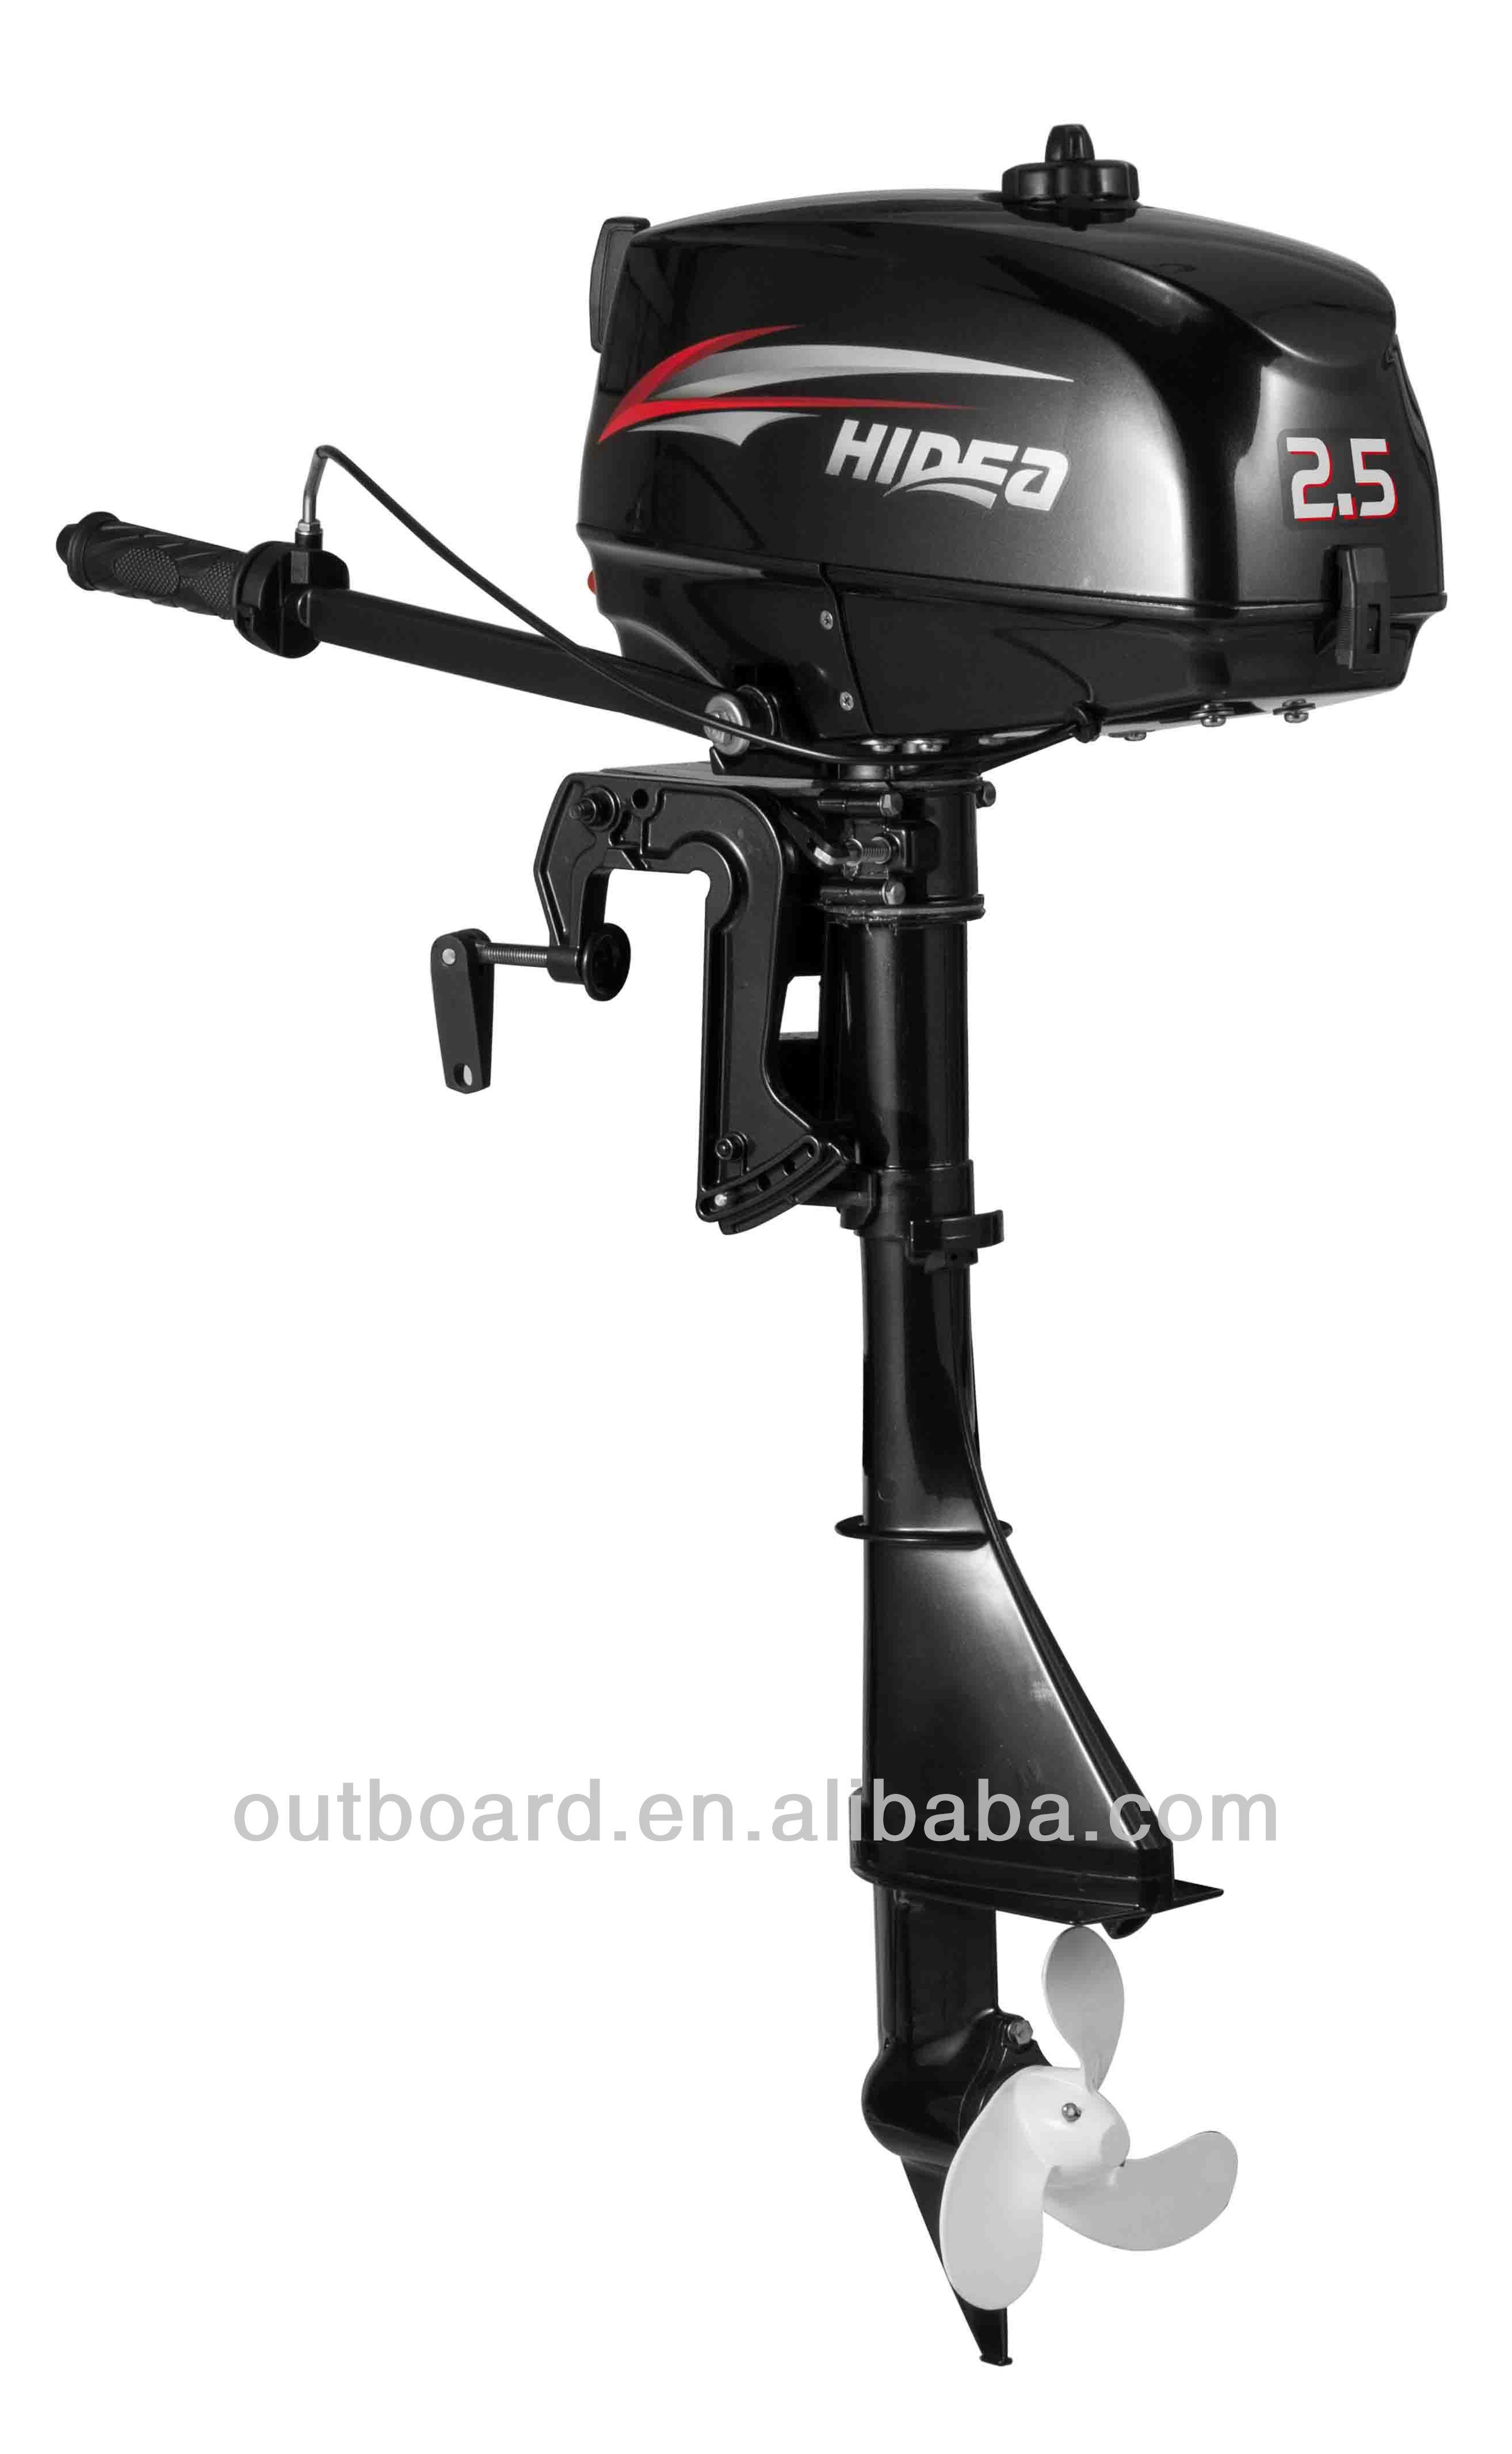 Hidea New Model 2 Stroke Outboard Motor For Sale